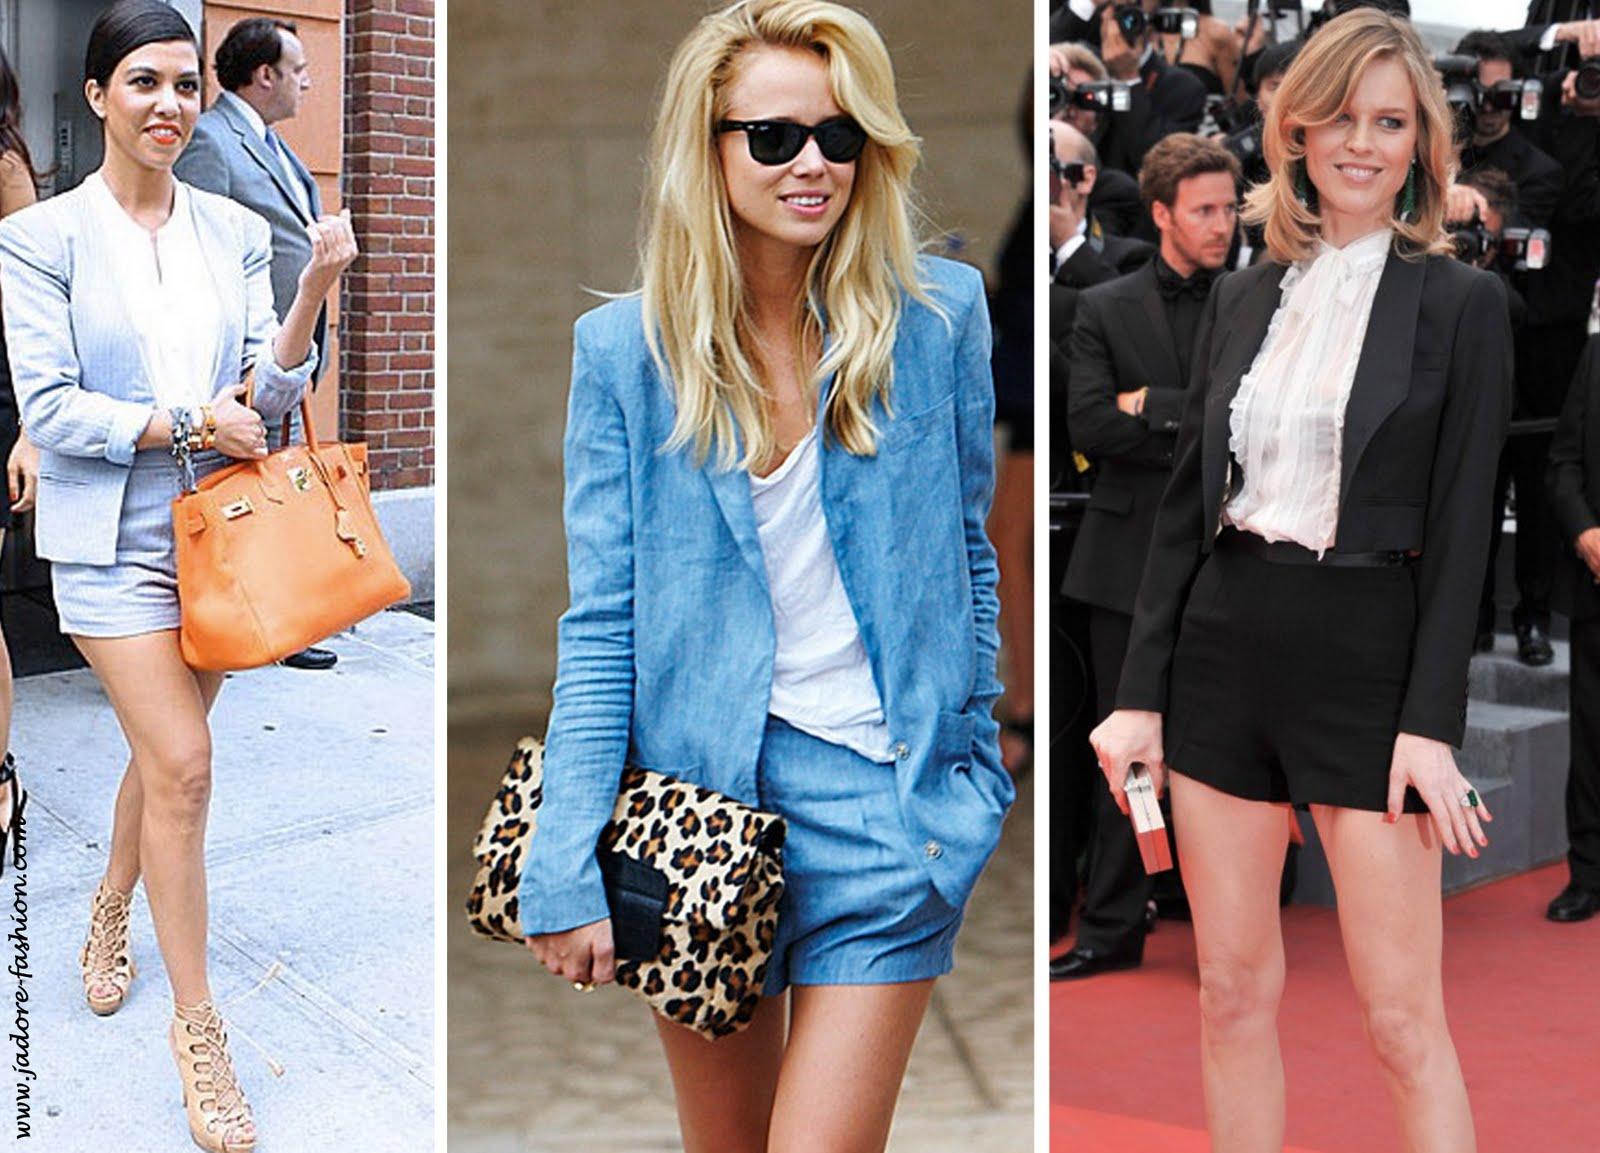 http://4.bp.blogspot.com/-qui_KXpm1a4/TisBP2dRfsI/AAAAAAAAEHs/KpNsEvtEnQQ/s1600/Suit+Up-+Shorts.jpg